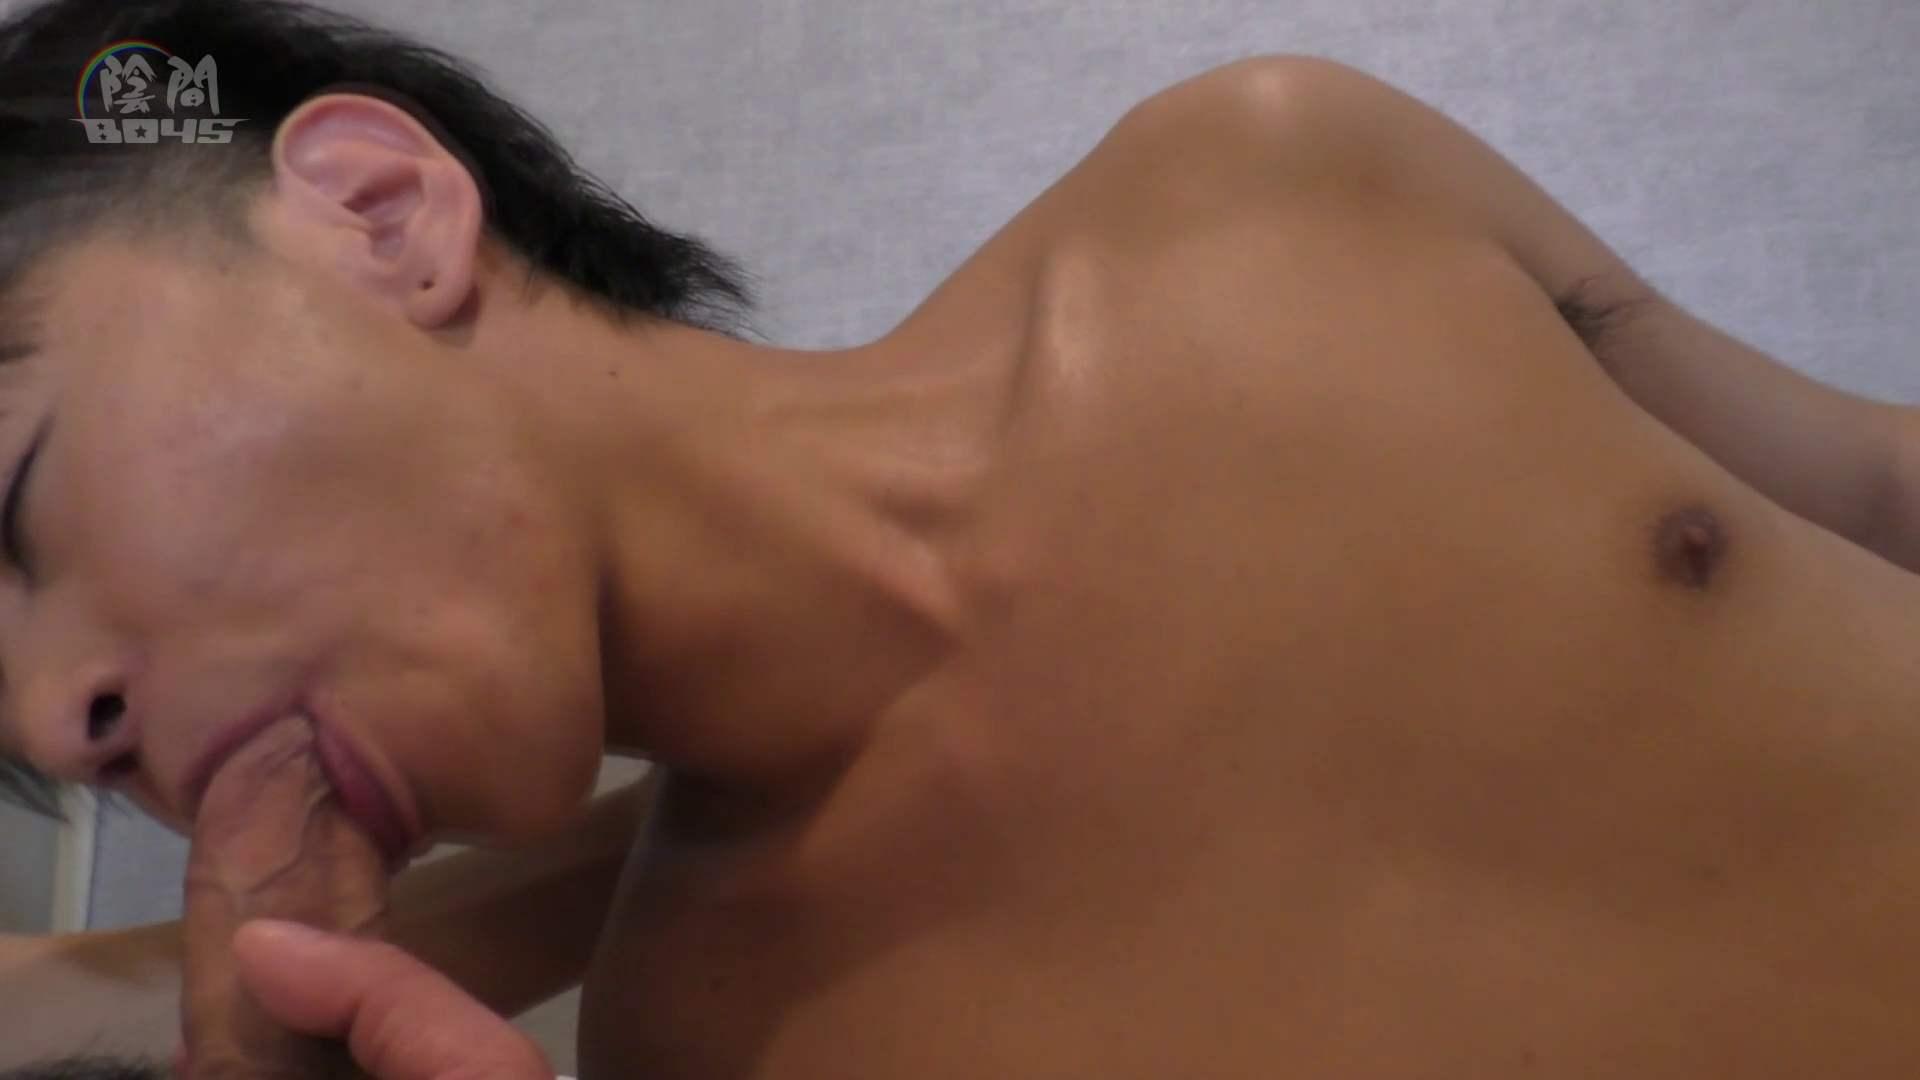 キャバクラの仕事はアナルから6  ~アナルの囁き~Vol.01 オナニー ゲイ無修正ビデオ画像 75pic 48